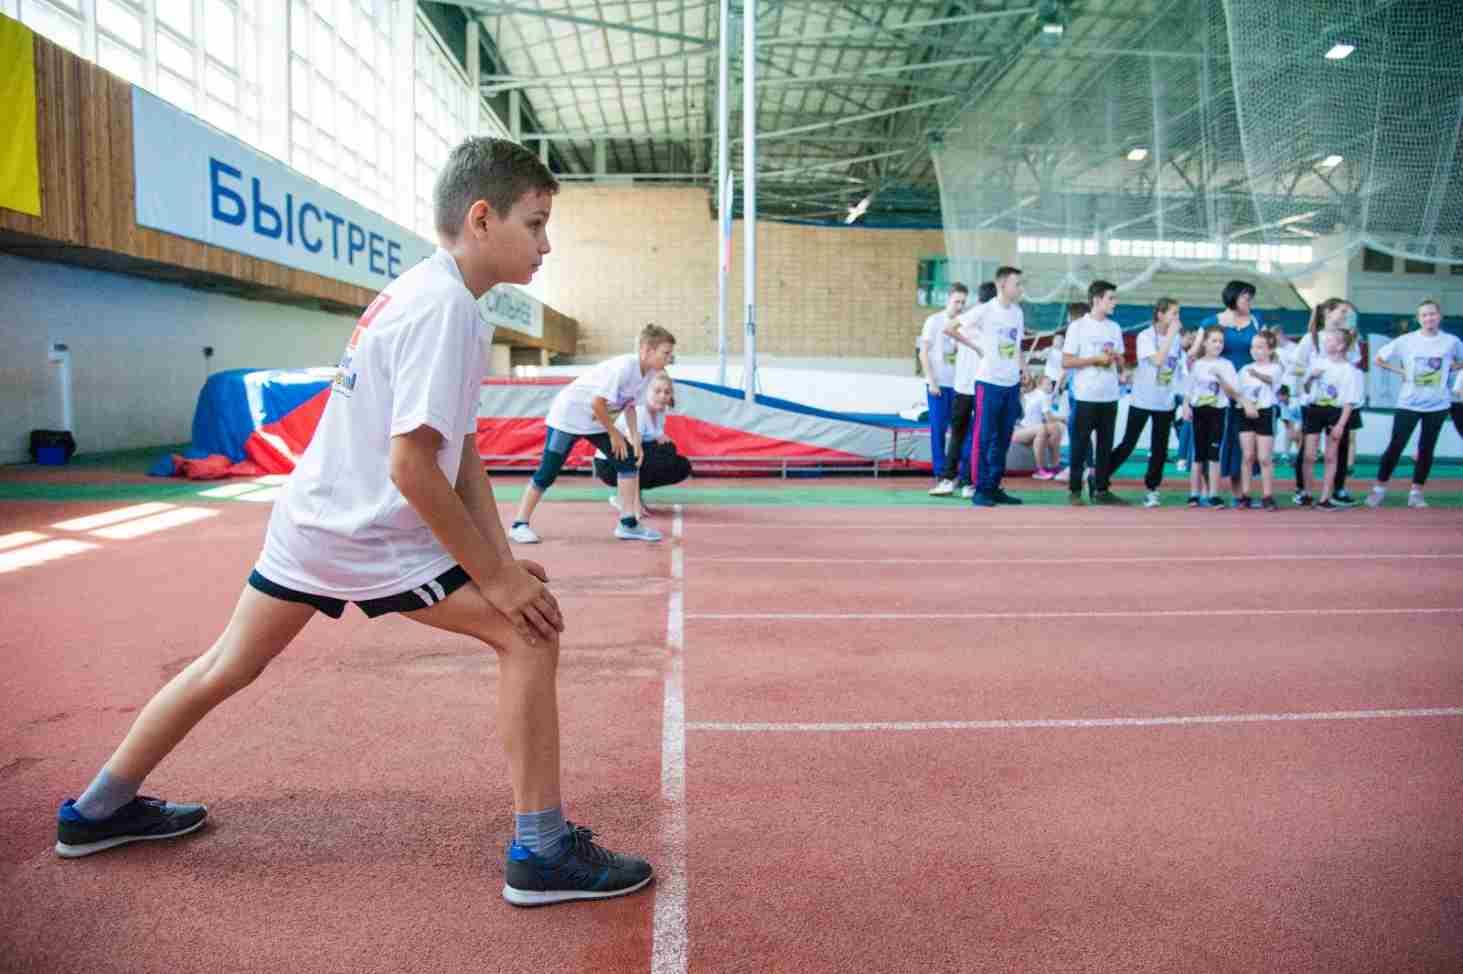 Как сделать систему выявления и сопровождения спортивных талантов лучше?>